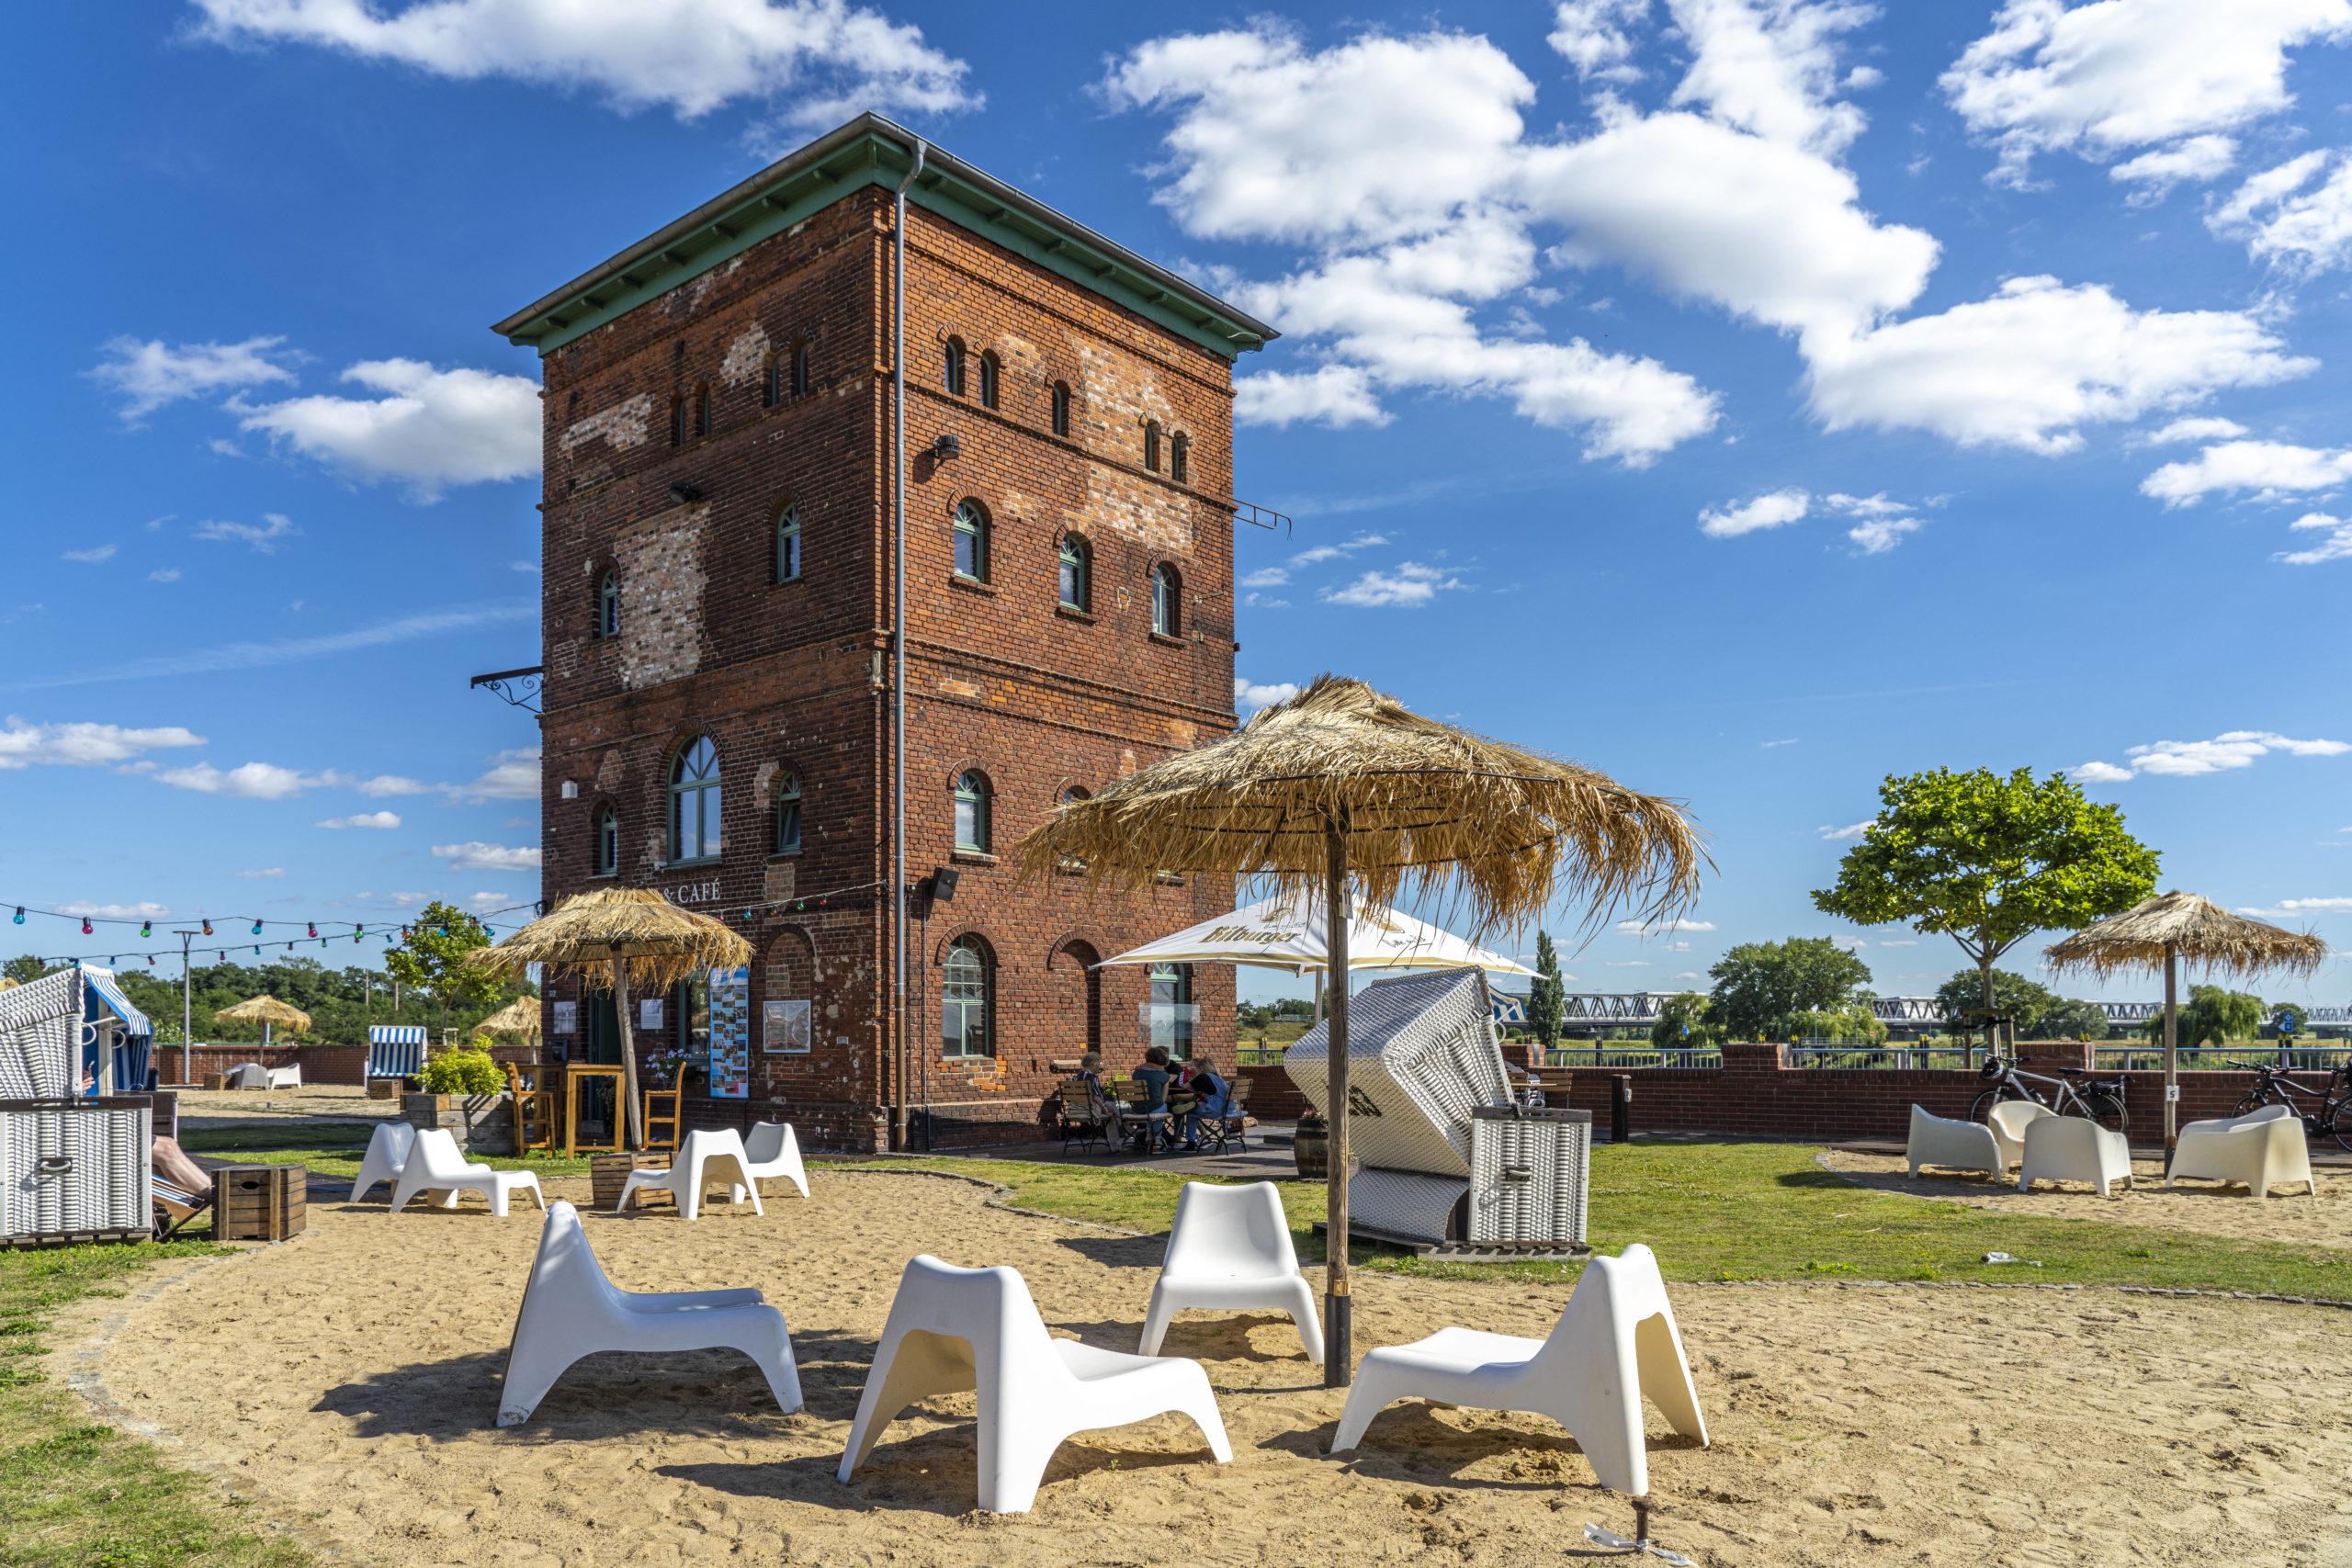 Brandenburg Die Alte Ölmühle Wittenberge ist eine historische Unterkunft, die als Urlaubsdestination echte Erholung verspricht.